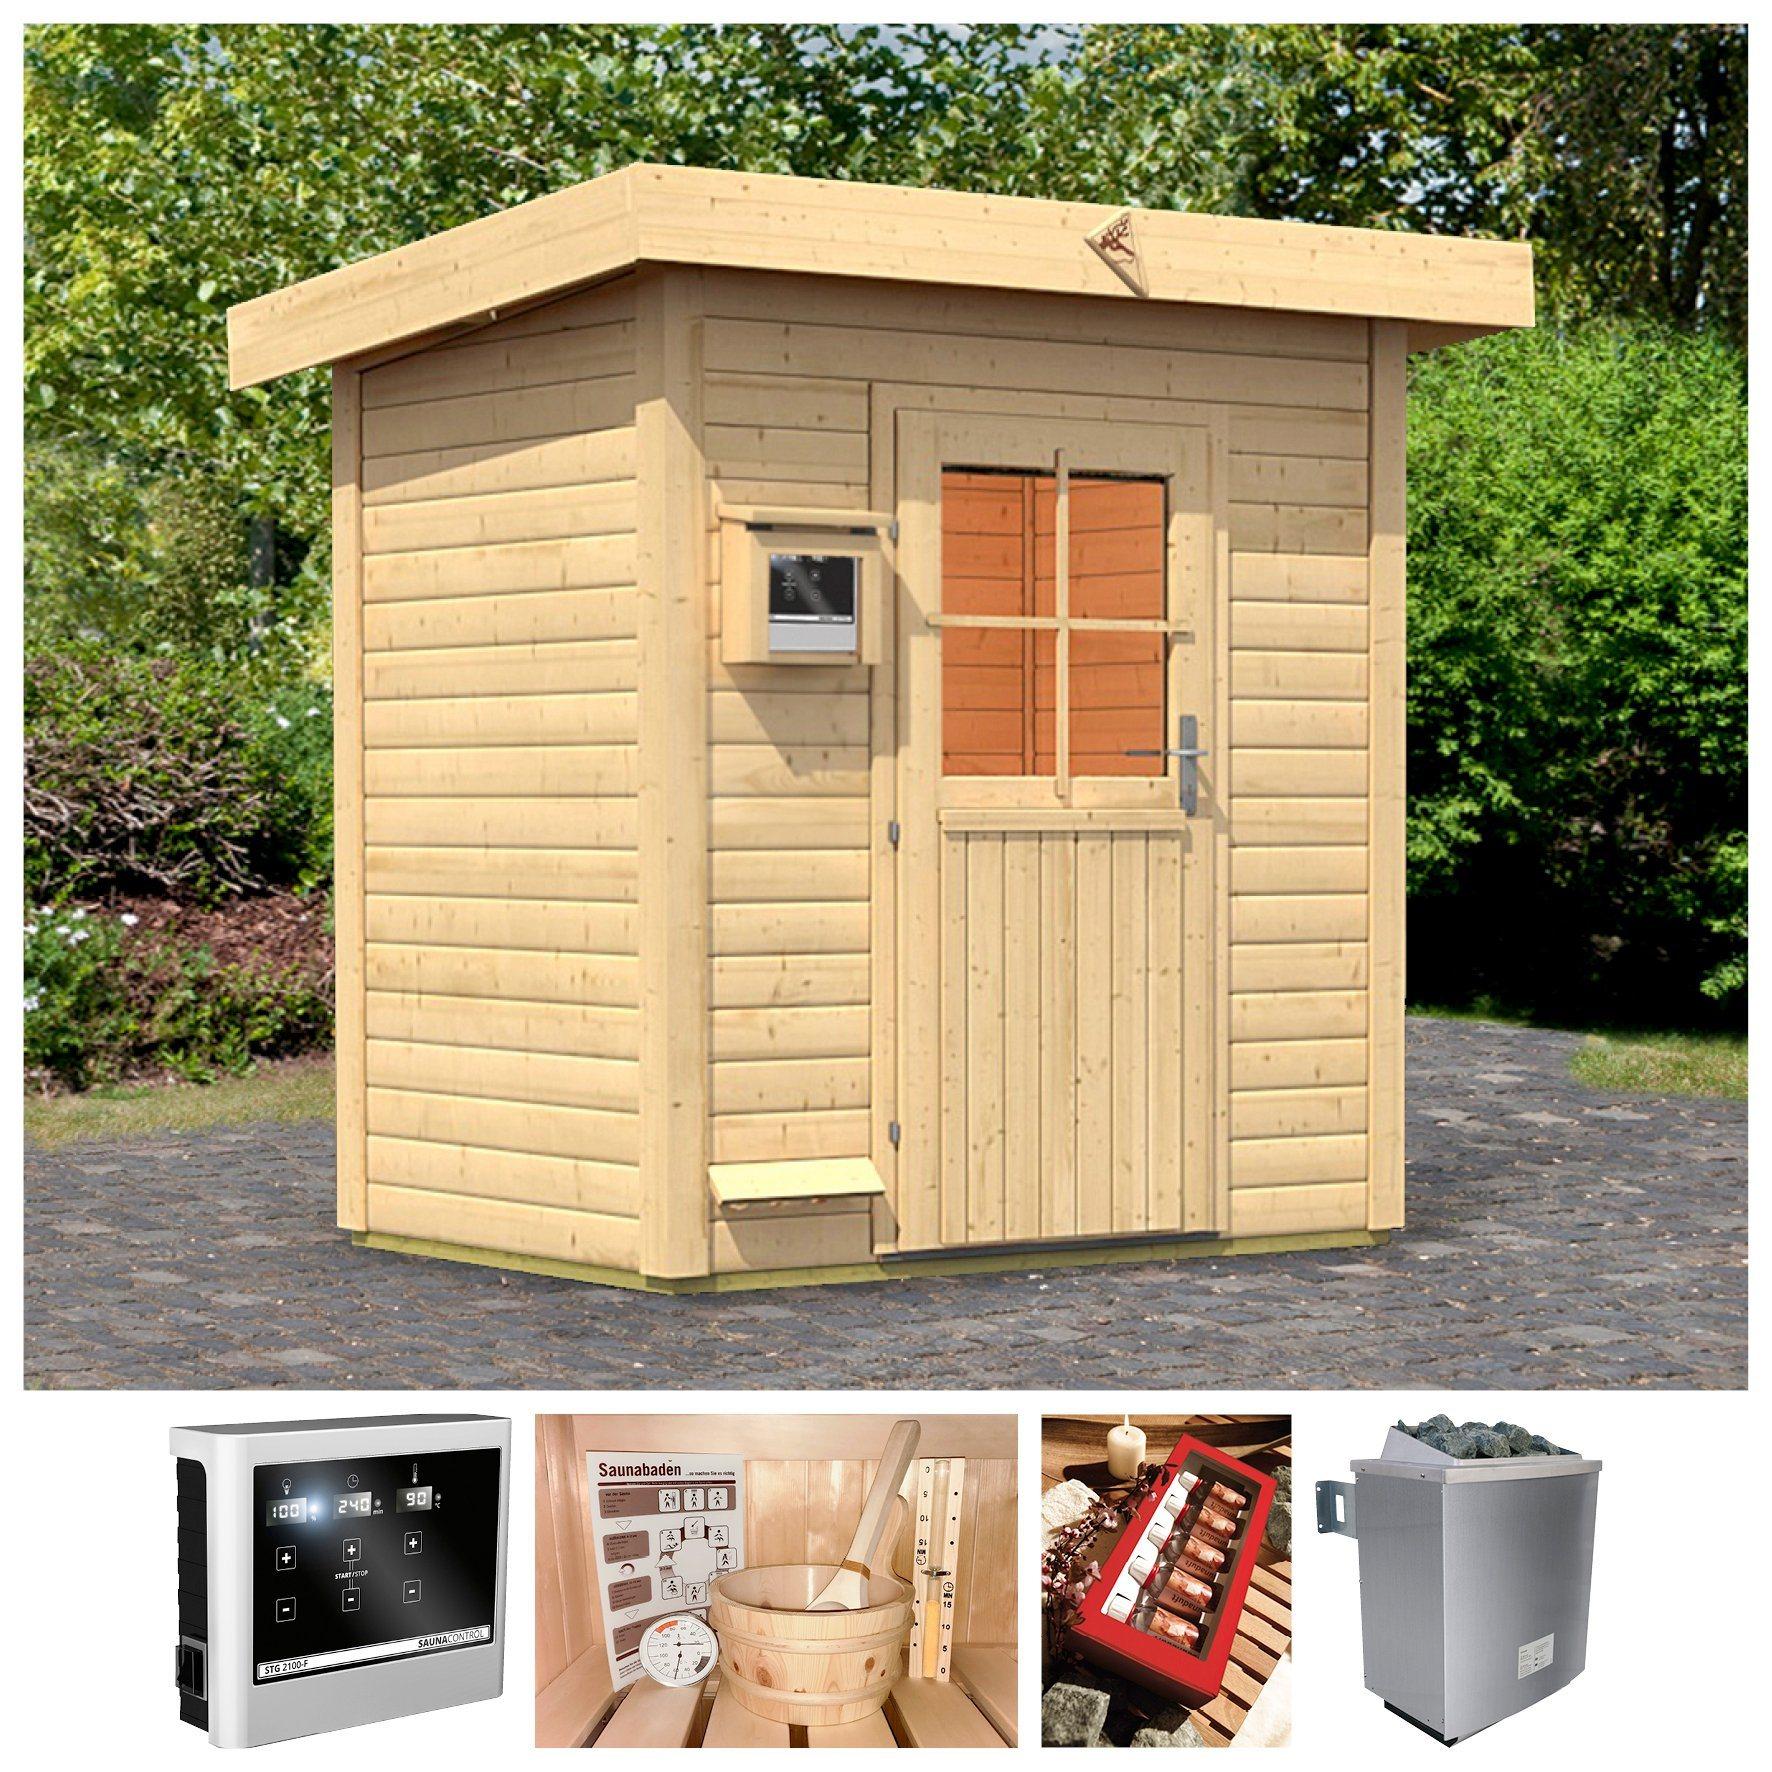 KARIBU Saunahaus »Wim«, 196x146x228 cm, 38 mm, 9 kW-Ofen mit ext. Steuerung | Baumarkt > Bad und Sanitär > Sauna und Zubehör | Karibu